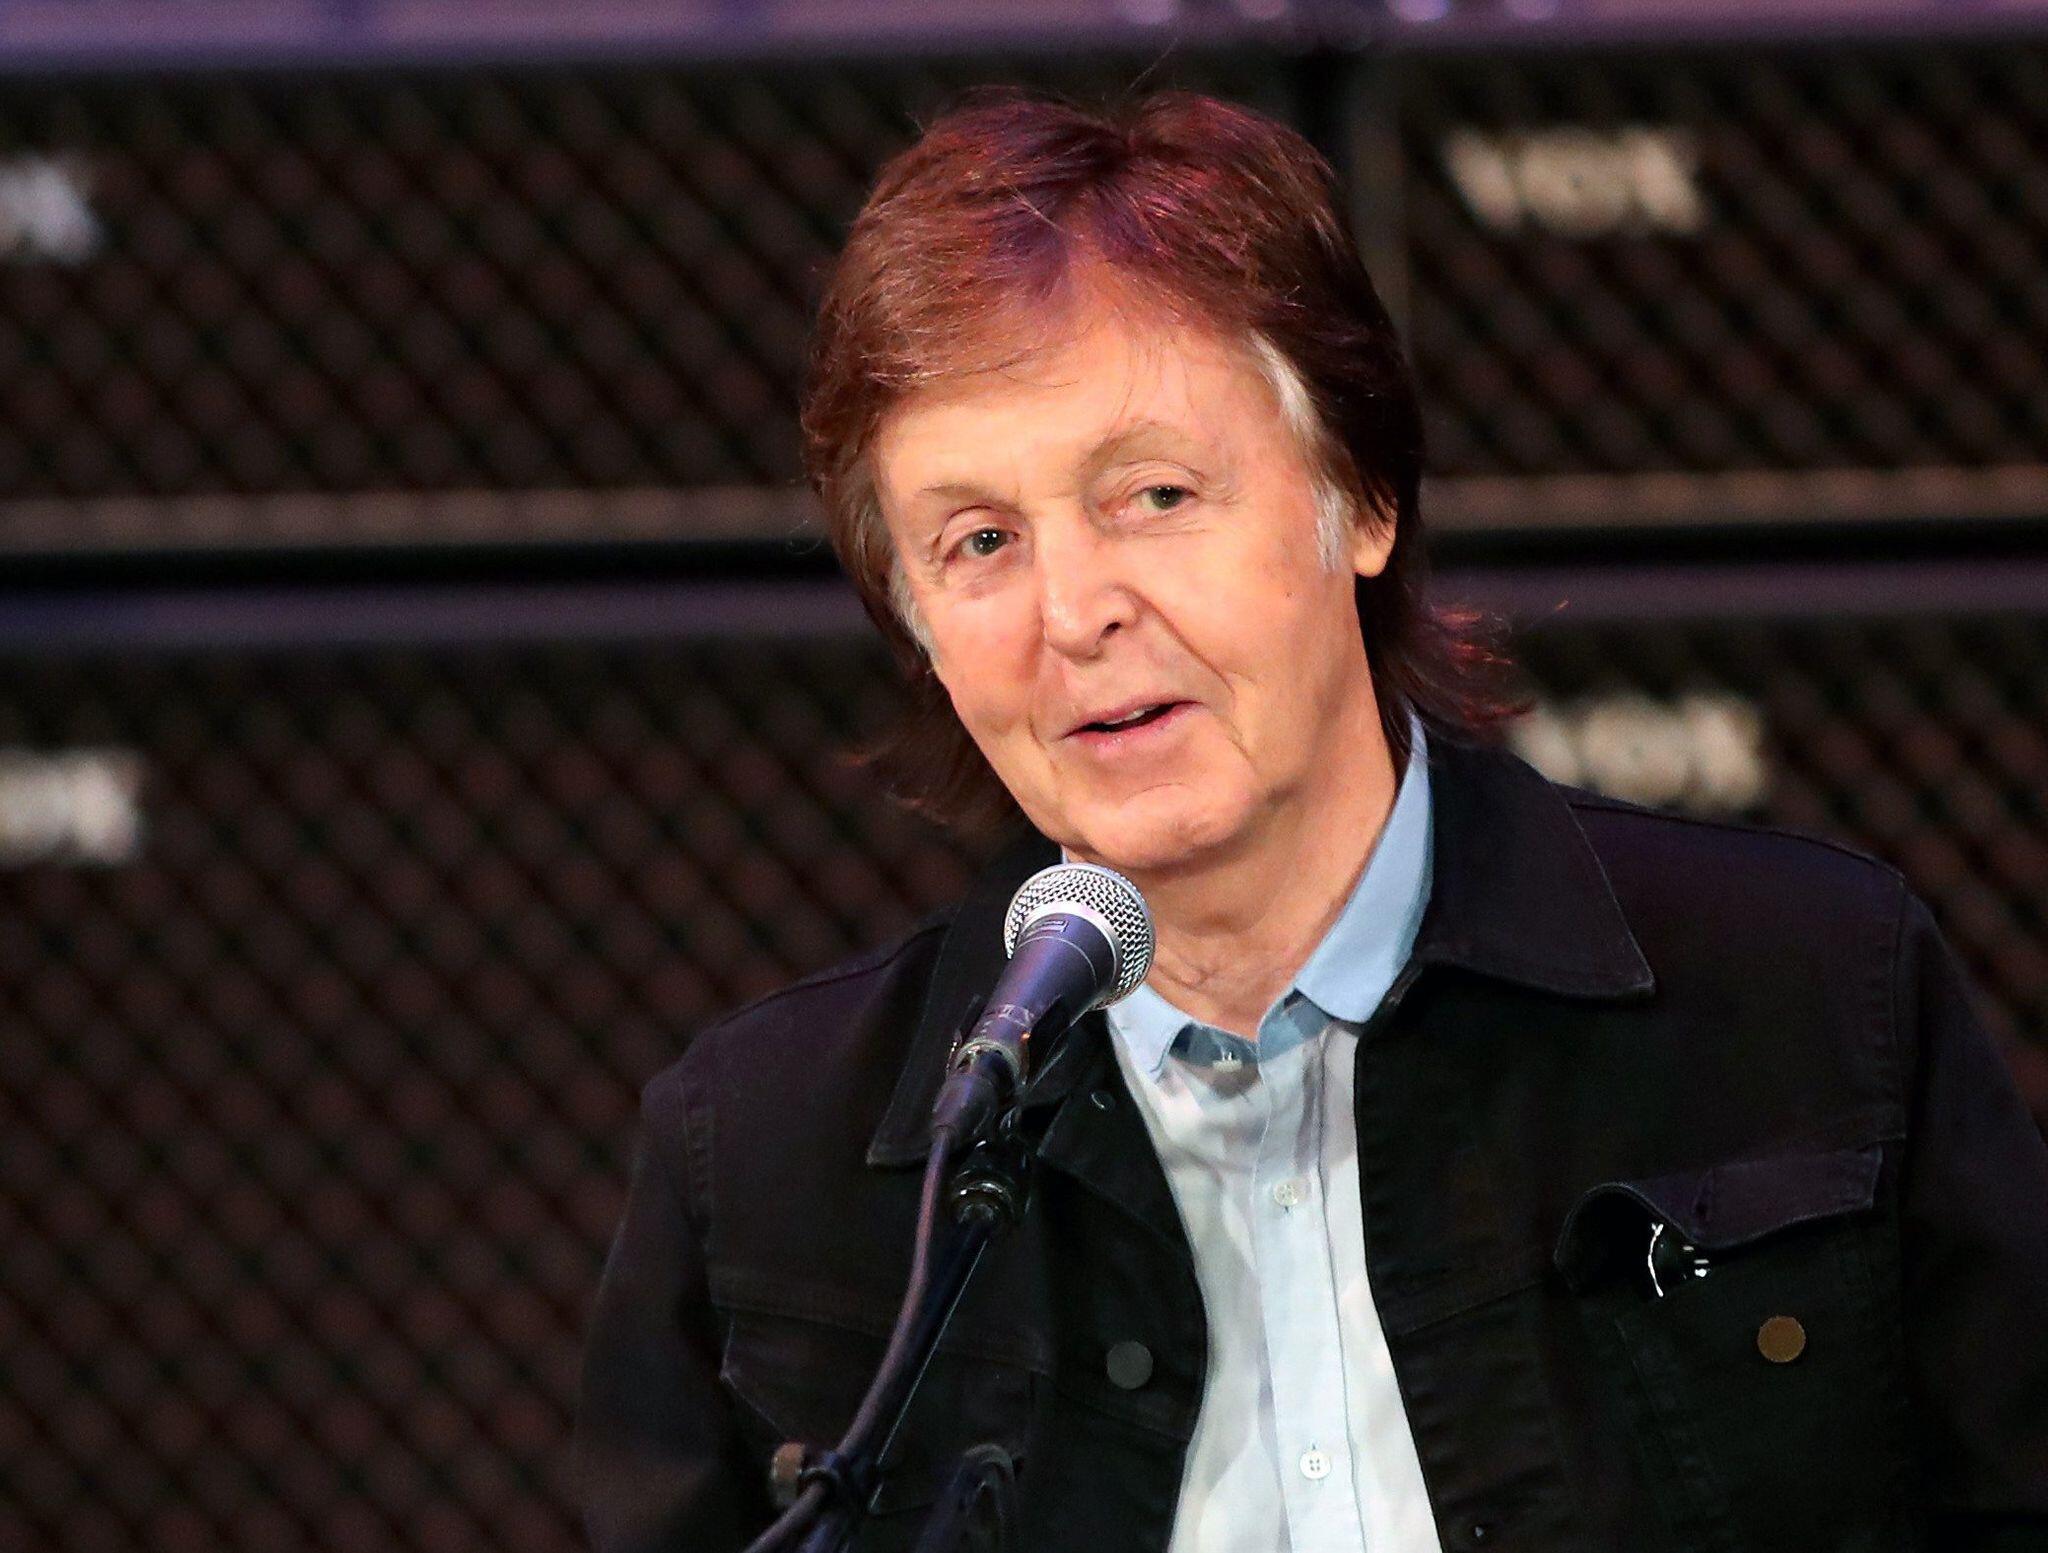 Bild zu Paul McCartney trauert um Beatles-Fotografin Astrid Kirchherr